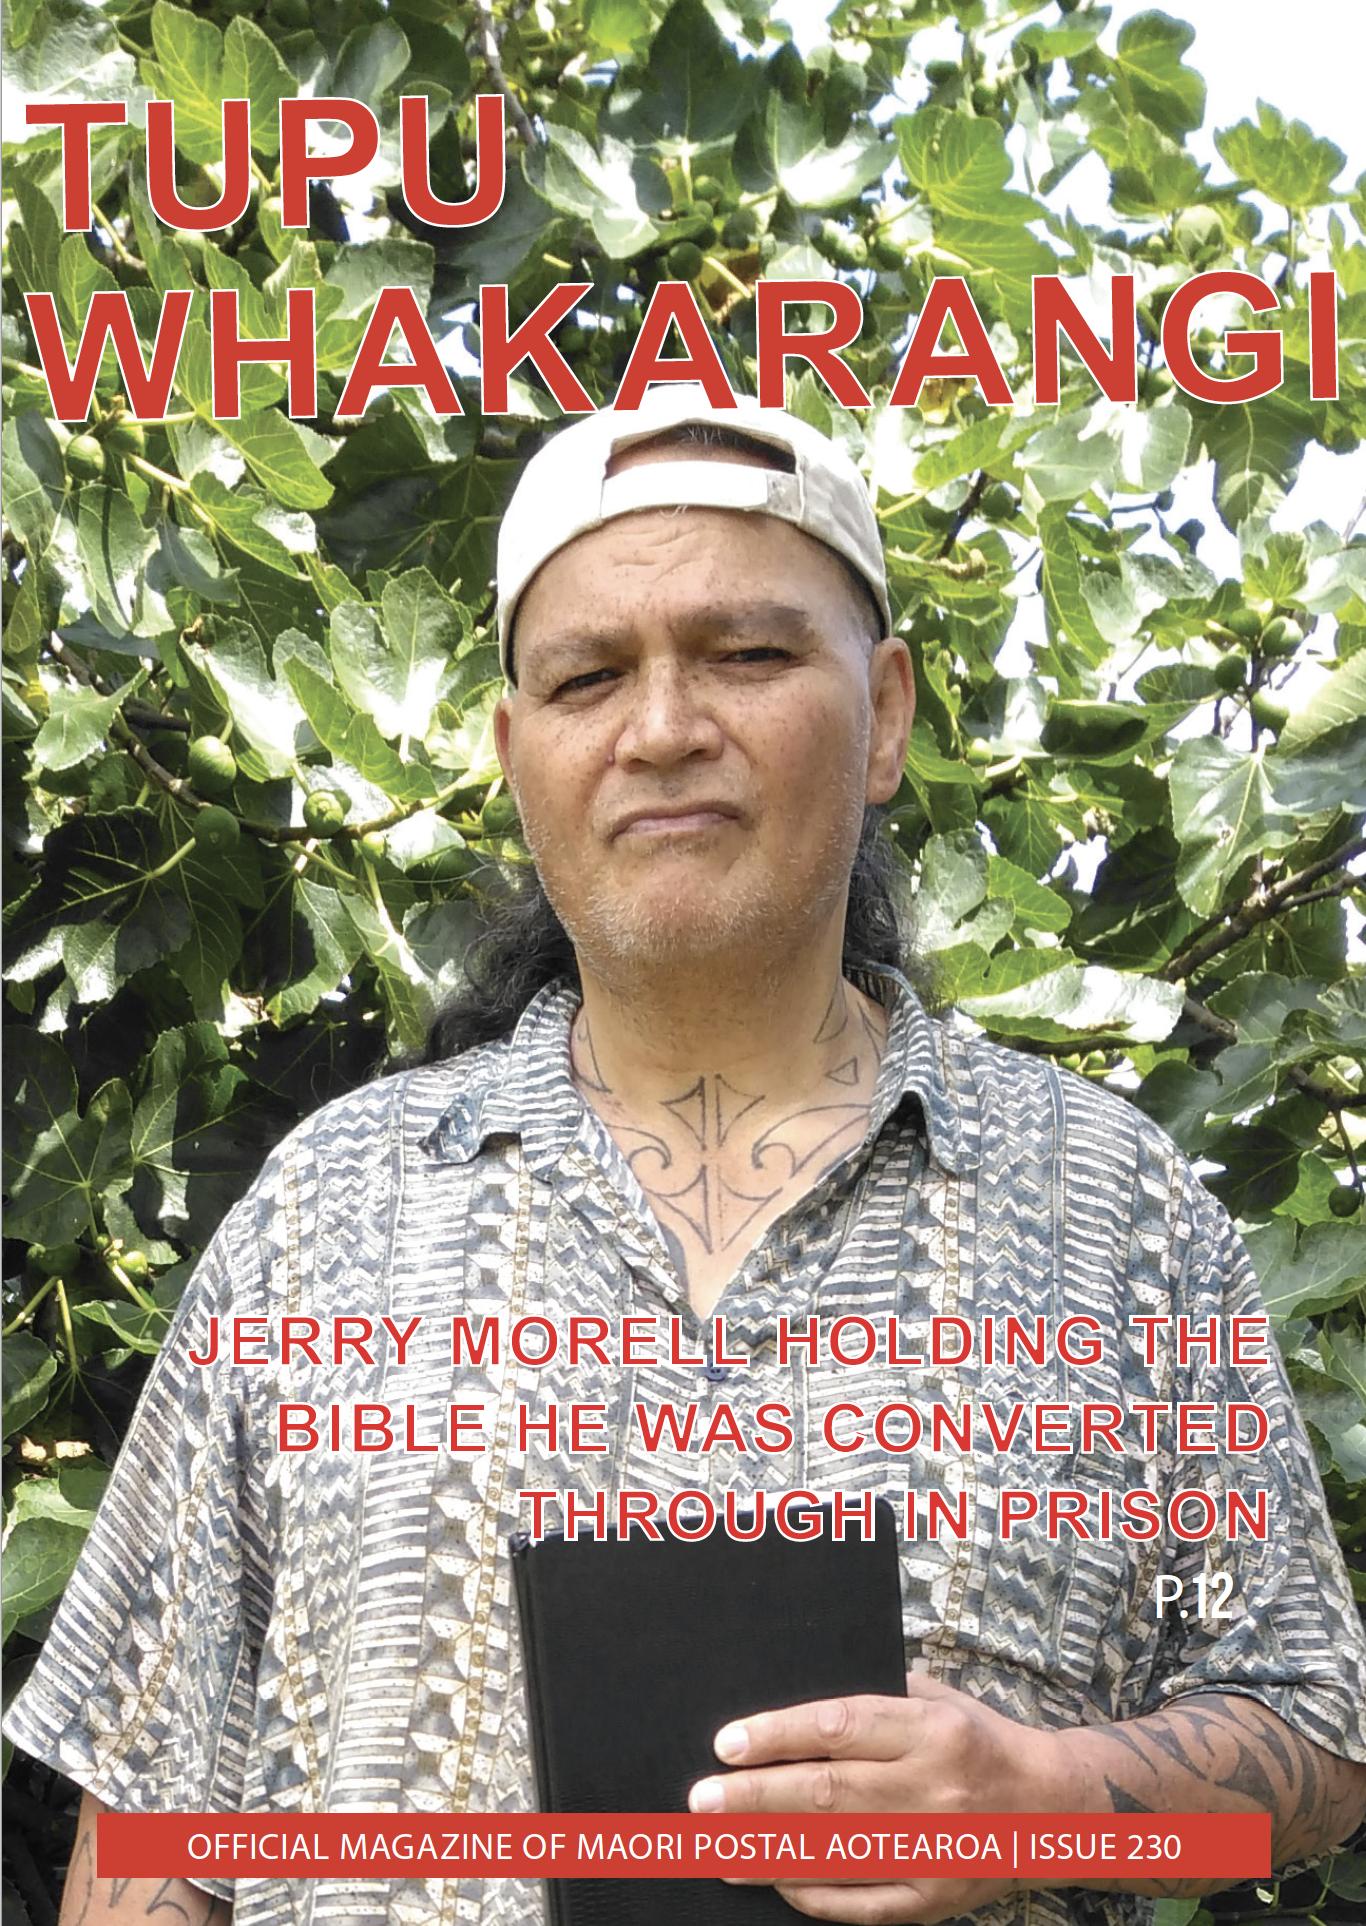 Tupu Whakarangi Issue 230 Jerry